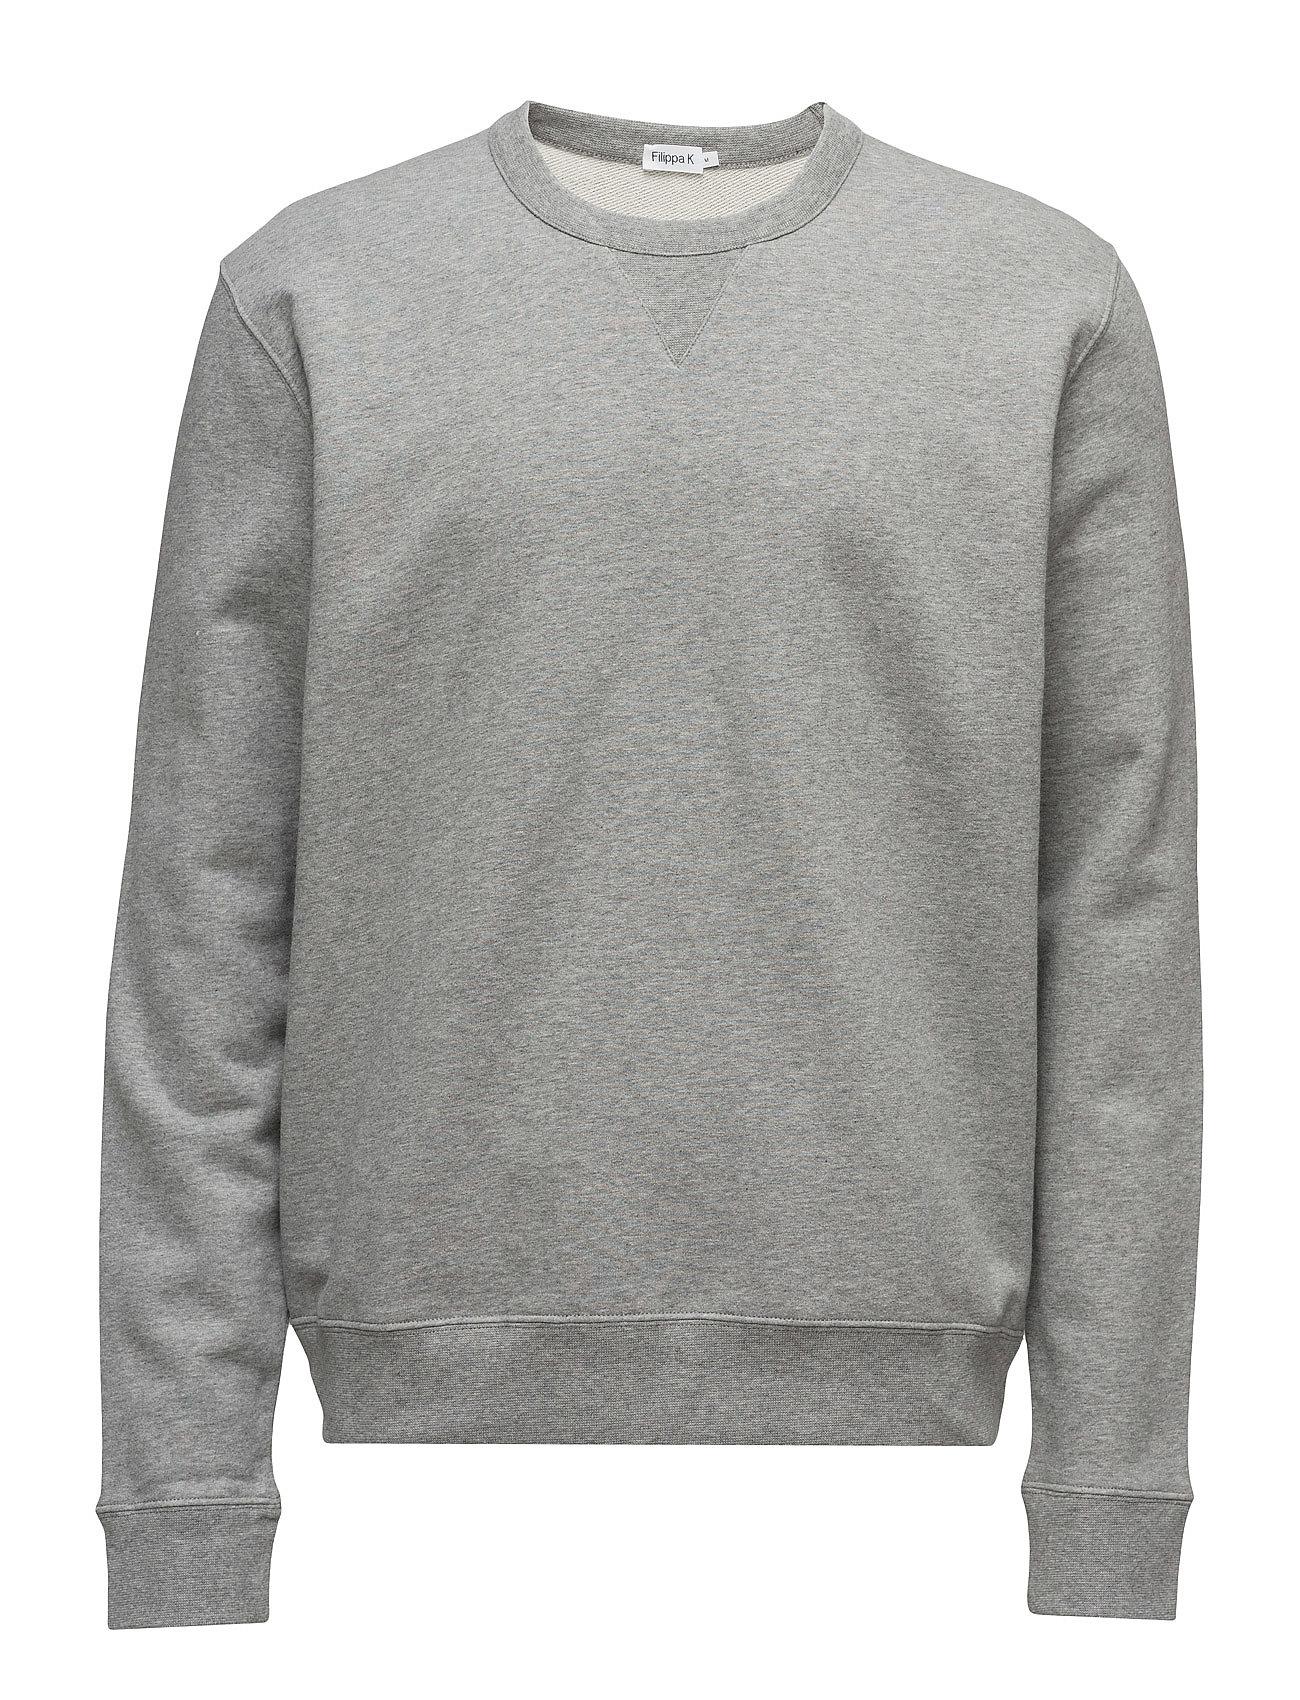 M. Ryder Sweatshirt Filippa K Sweat pants til Herrer i Grey Mel.